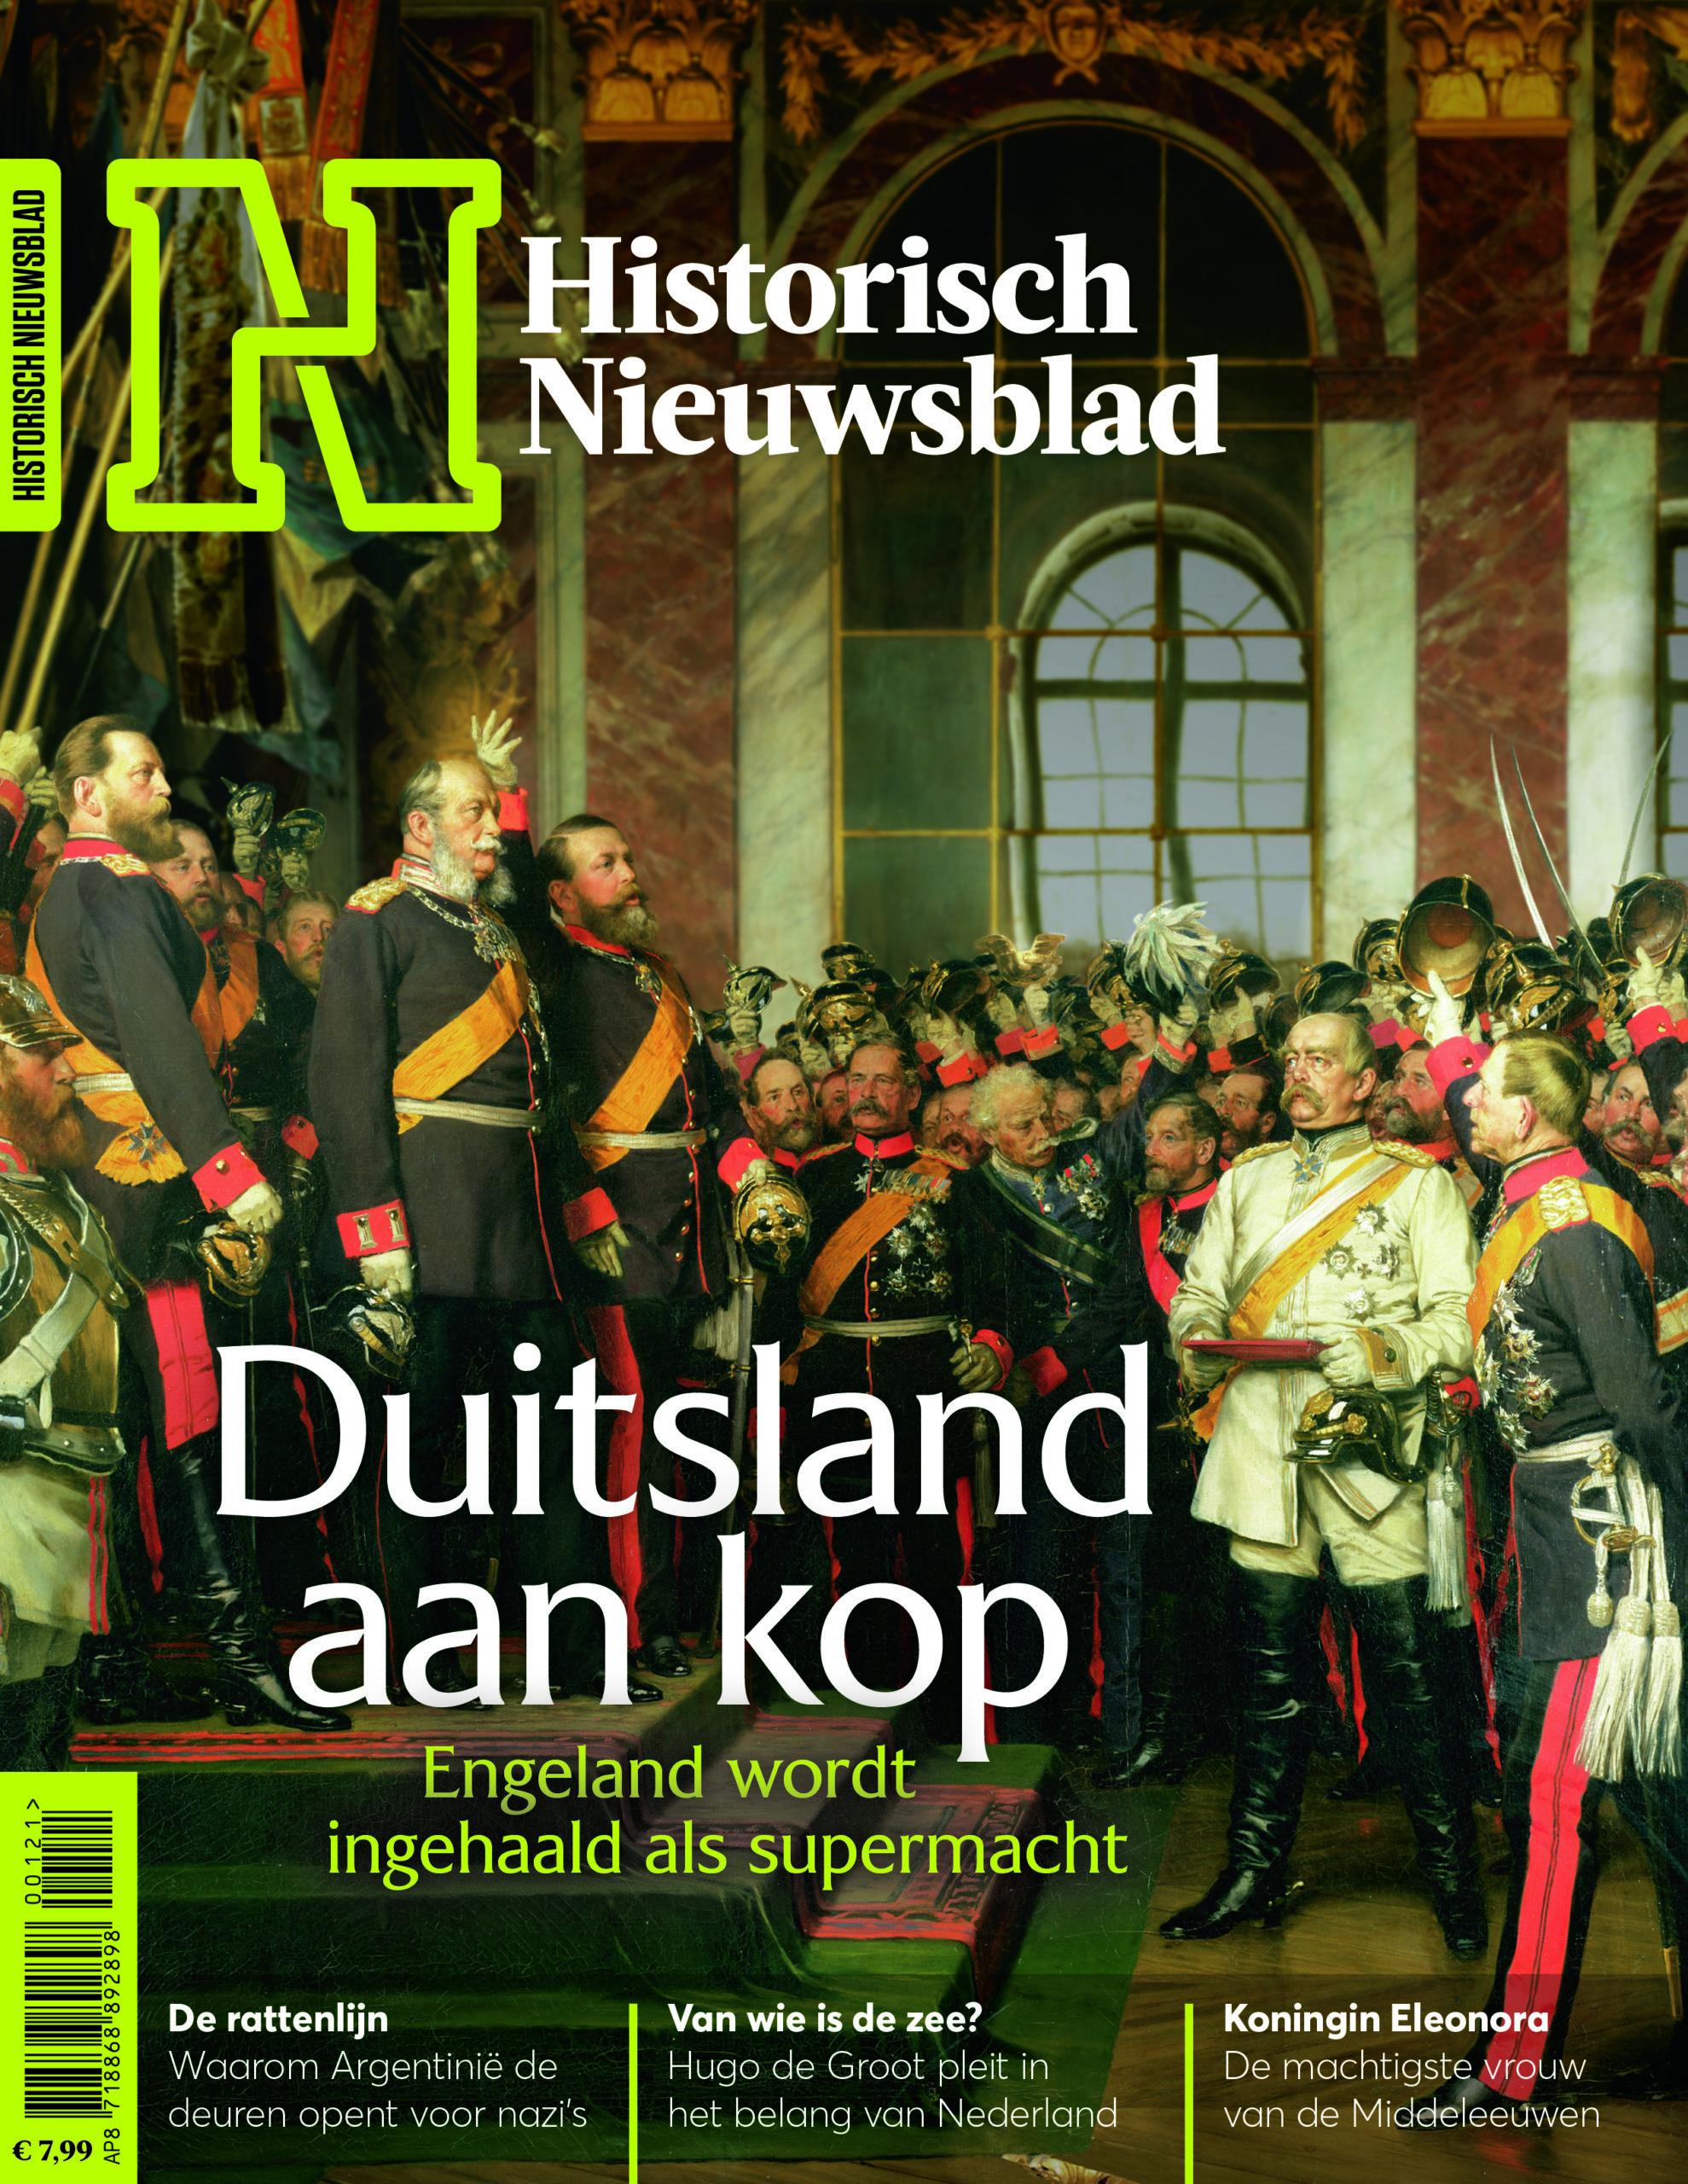 Historisch Nieuwsblad 2021 - 01